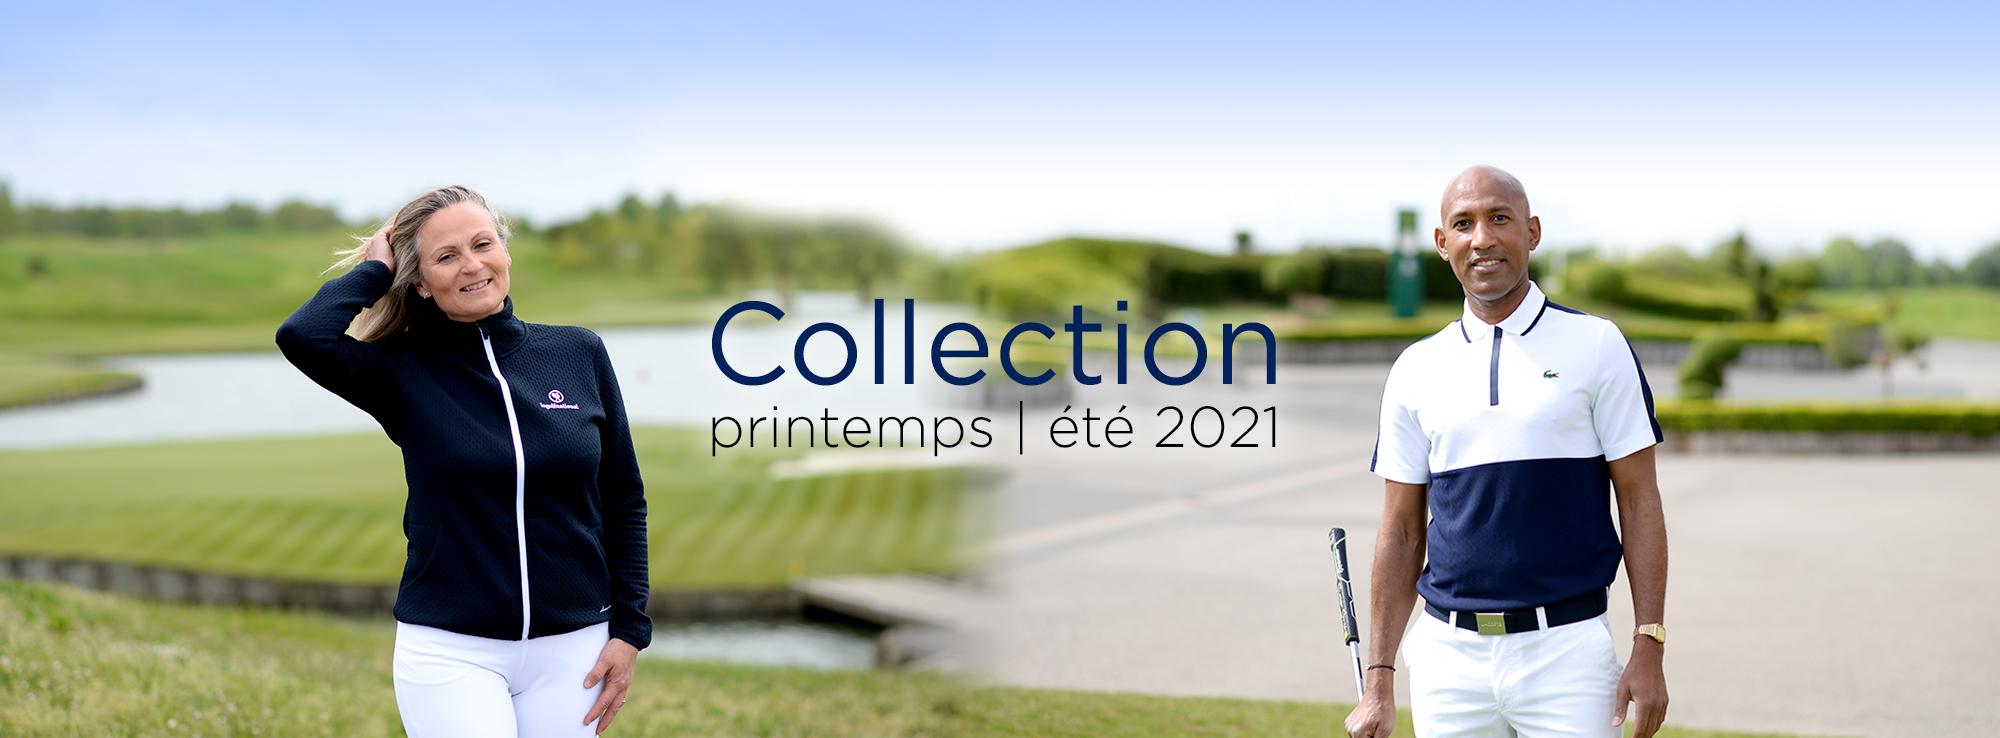 Collection aprintemps-été 2021